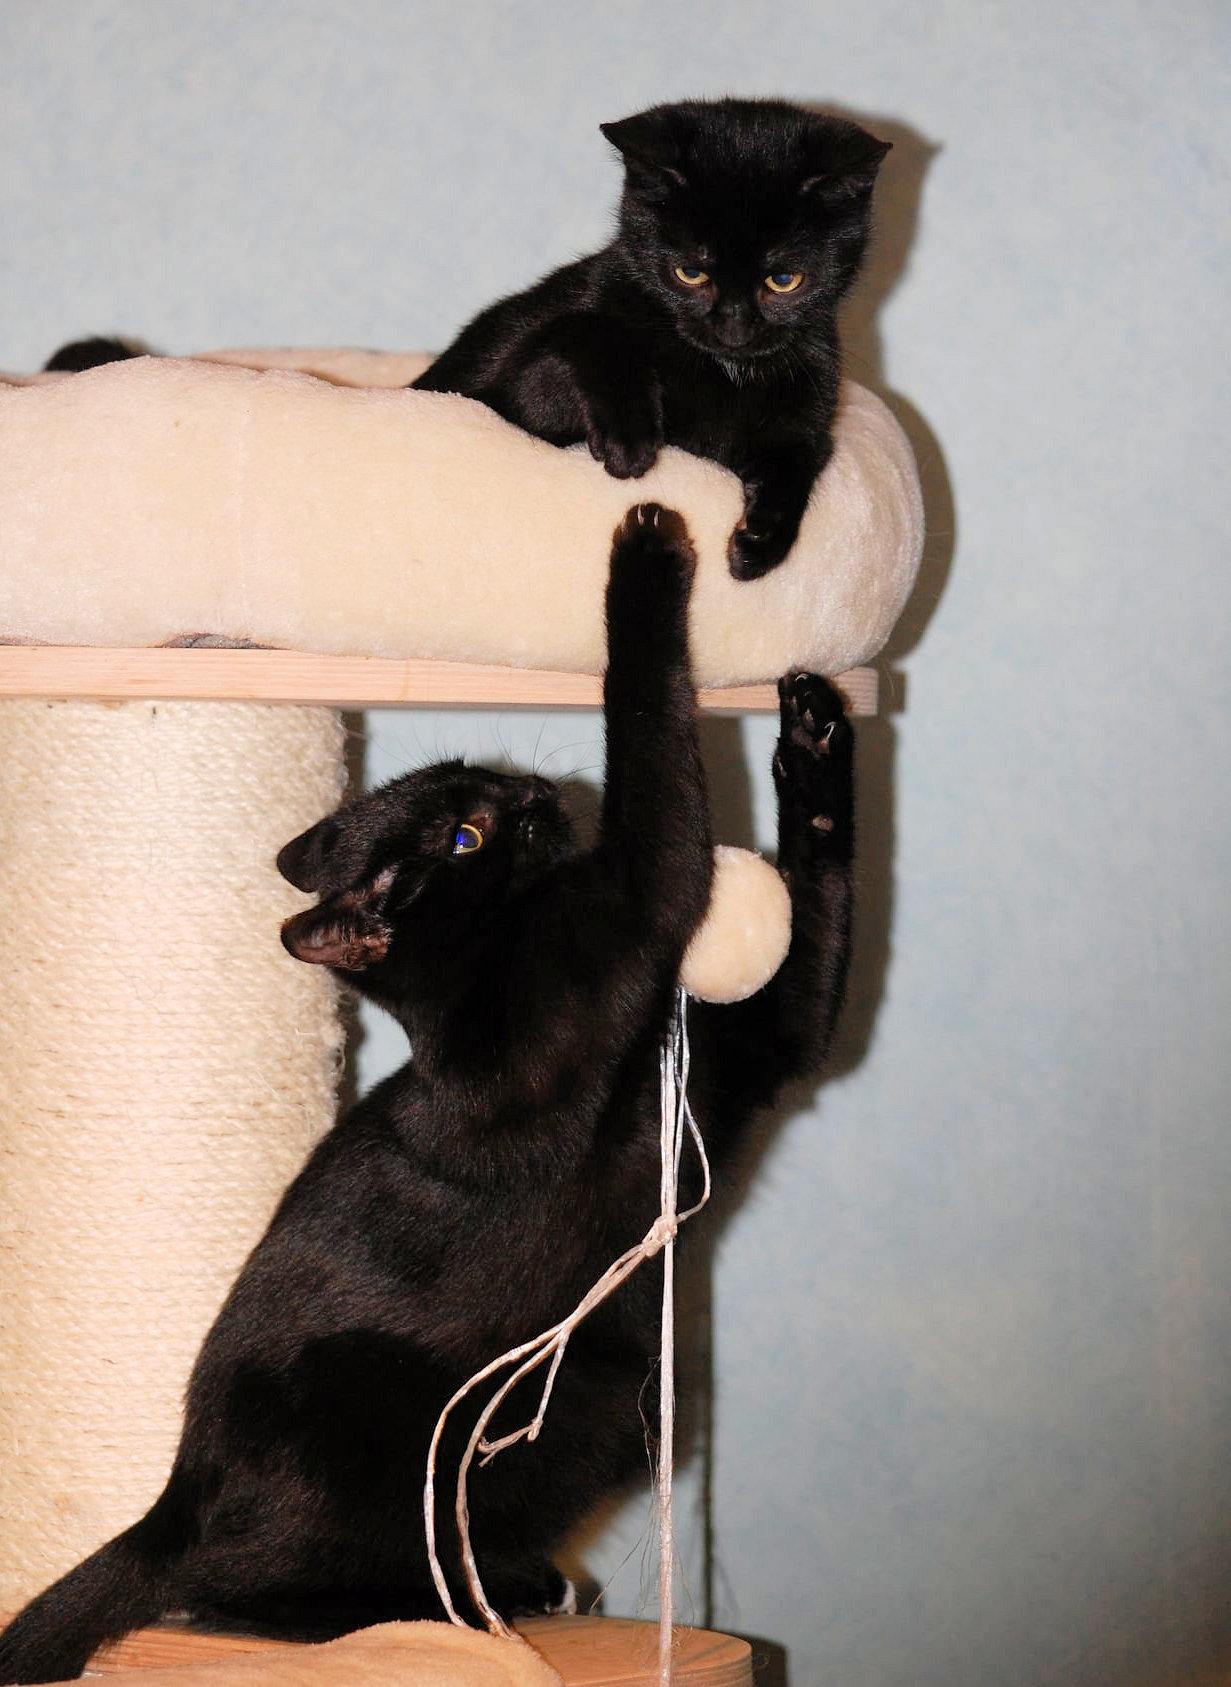 zwei kleine schwarze Katzen auf einem Kratzbaum